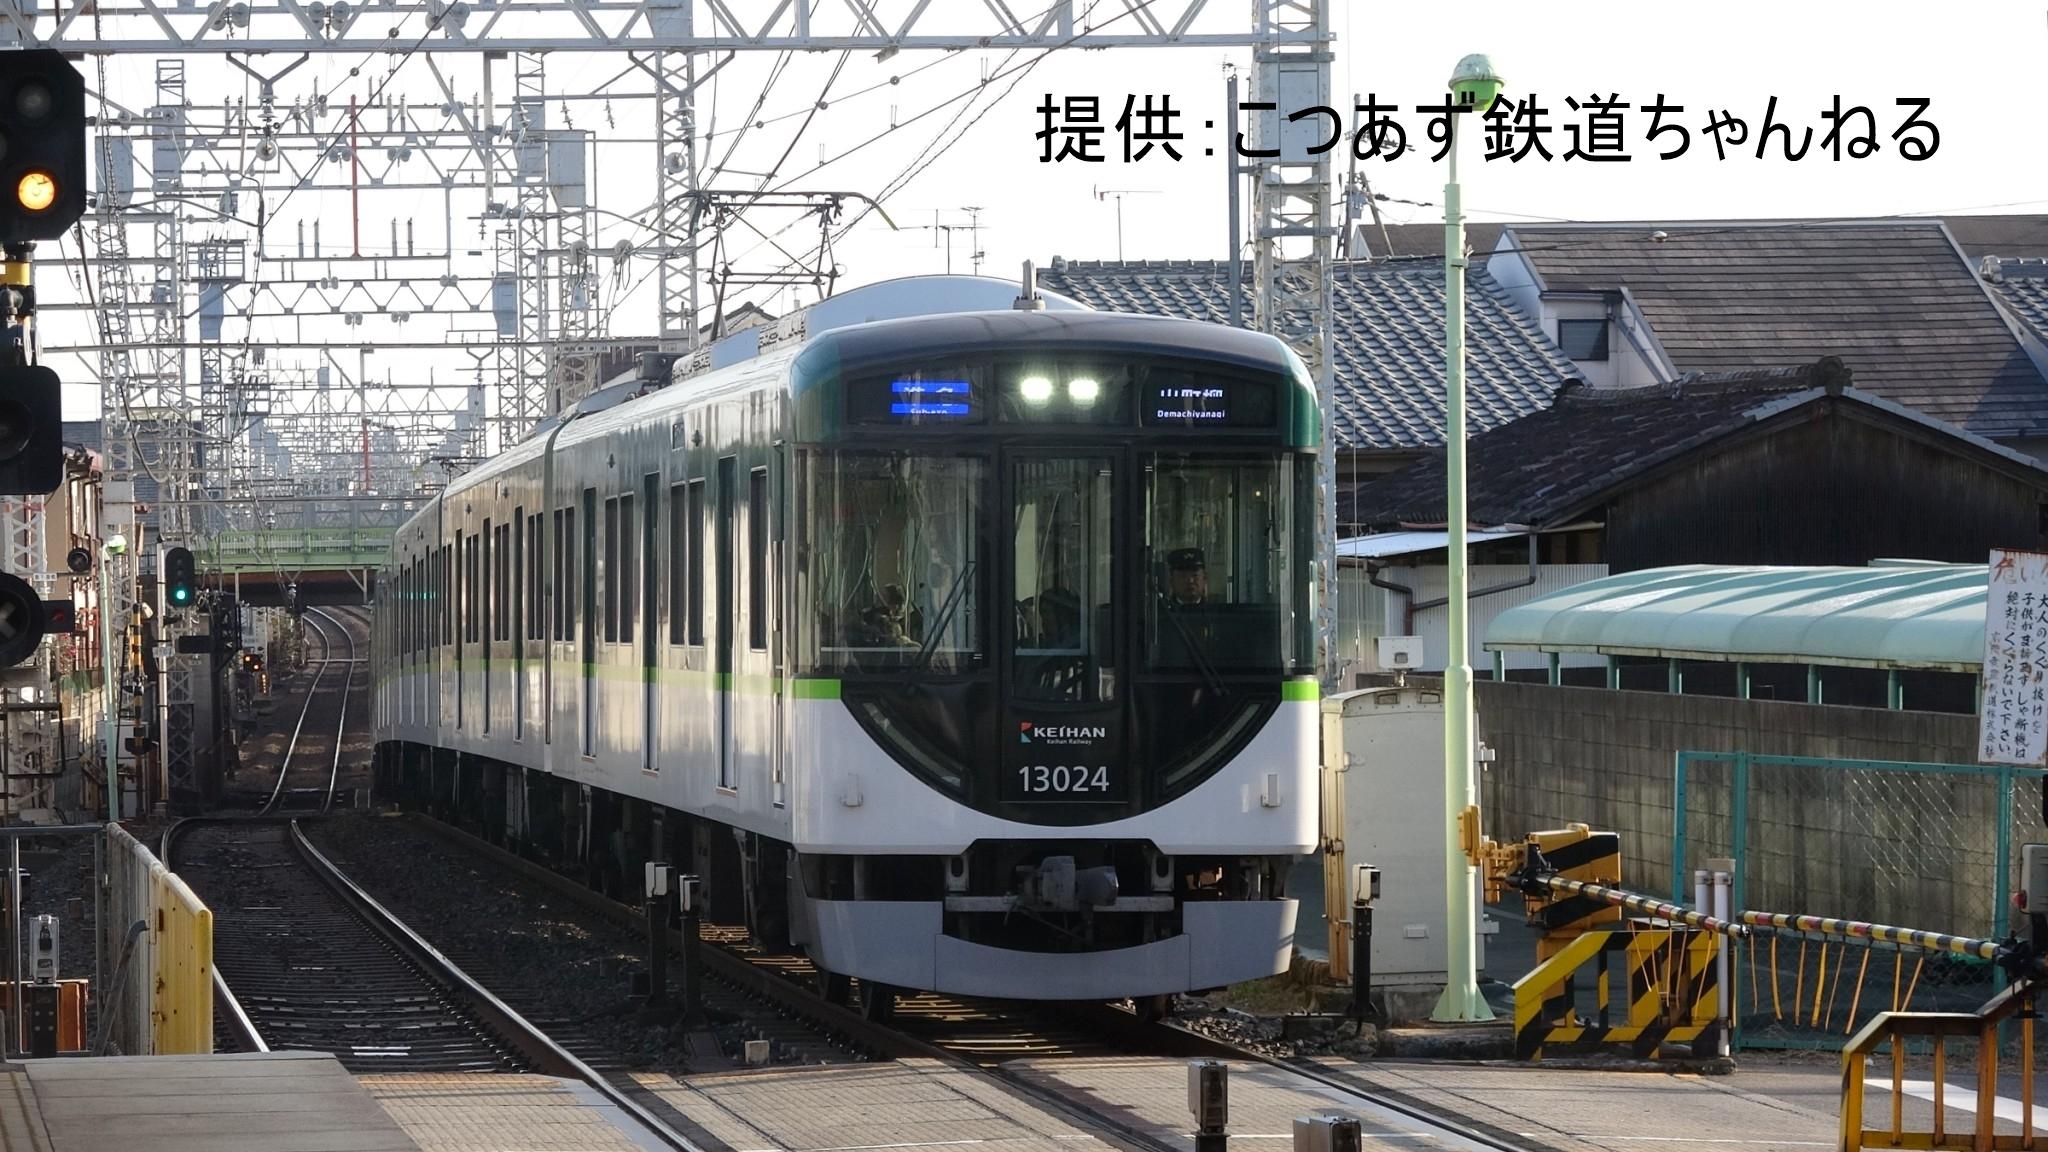 京阪6連化・減車を発表、1月31日ダイヤ改正で 一体なぜ?